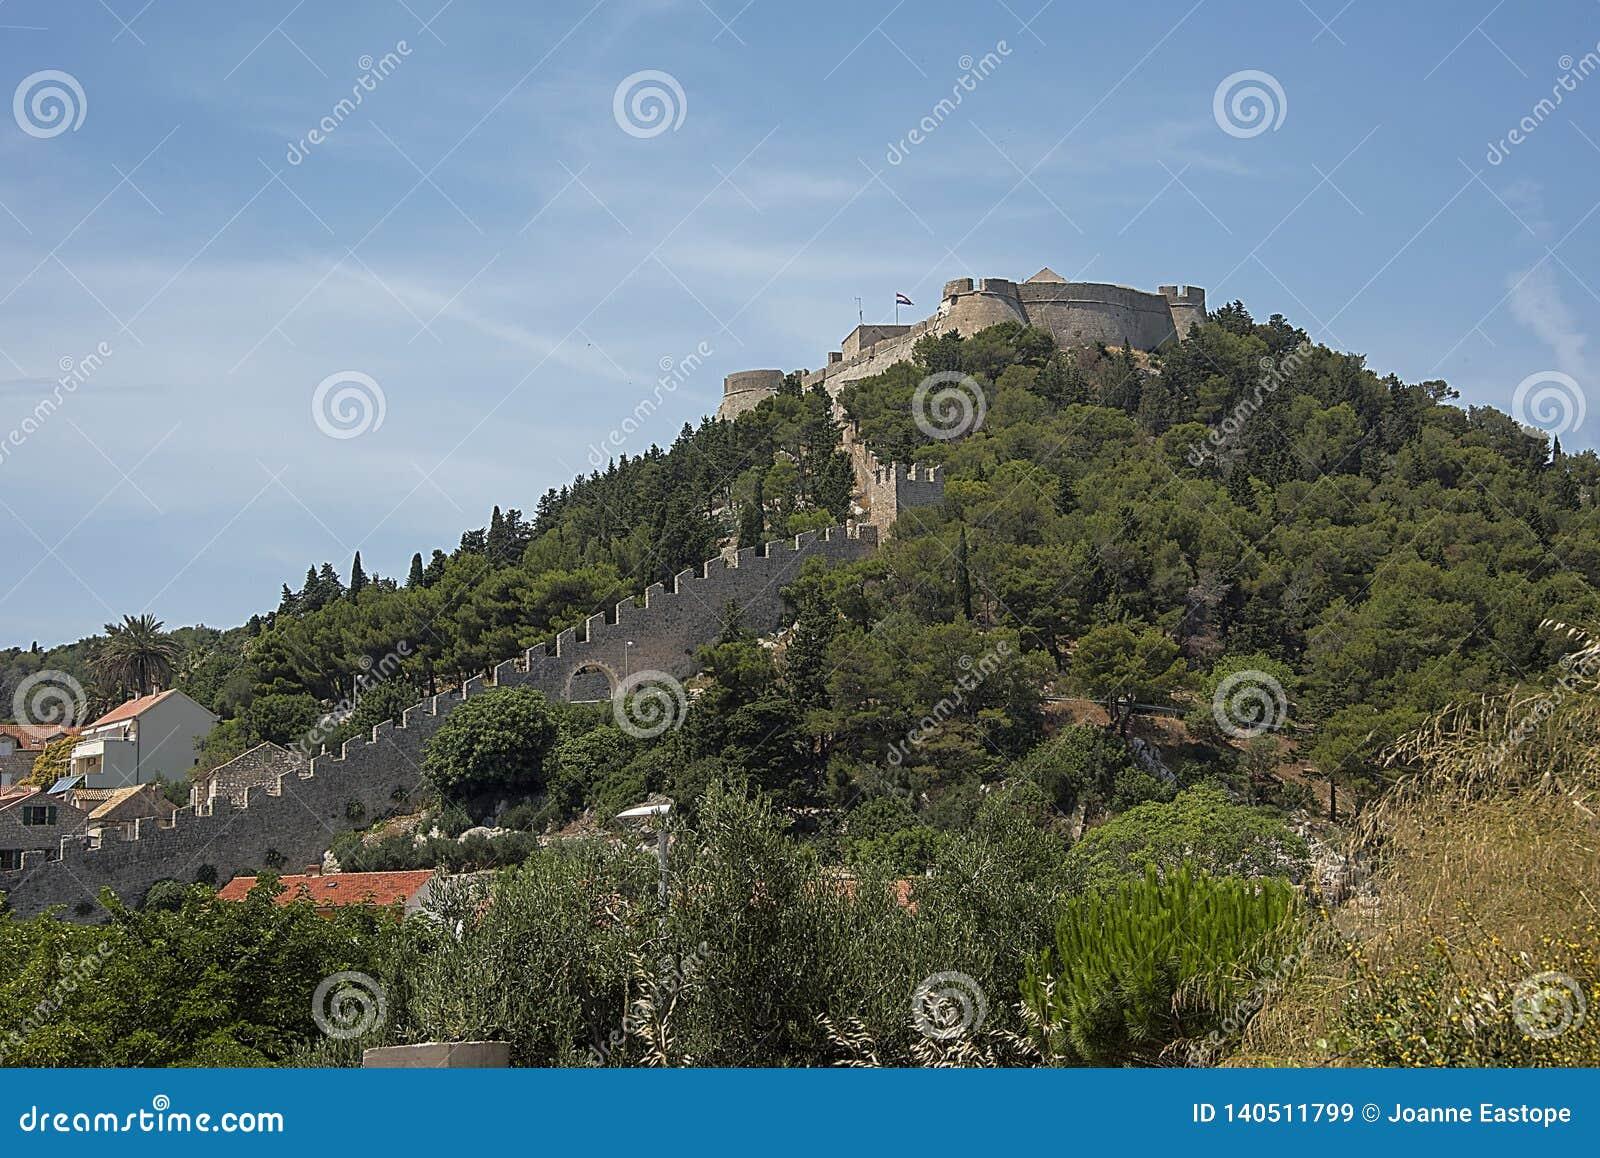 Η ισπανική συνεδρίαση φρουρίων στο λόφο επάνω από την παλαιά πόλη, που κατασκευάζεται μετά από την έκρηξη πυρίτιδας που το 1579